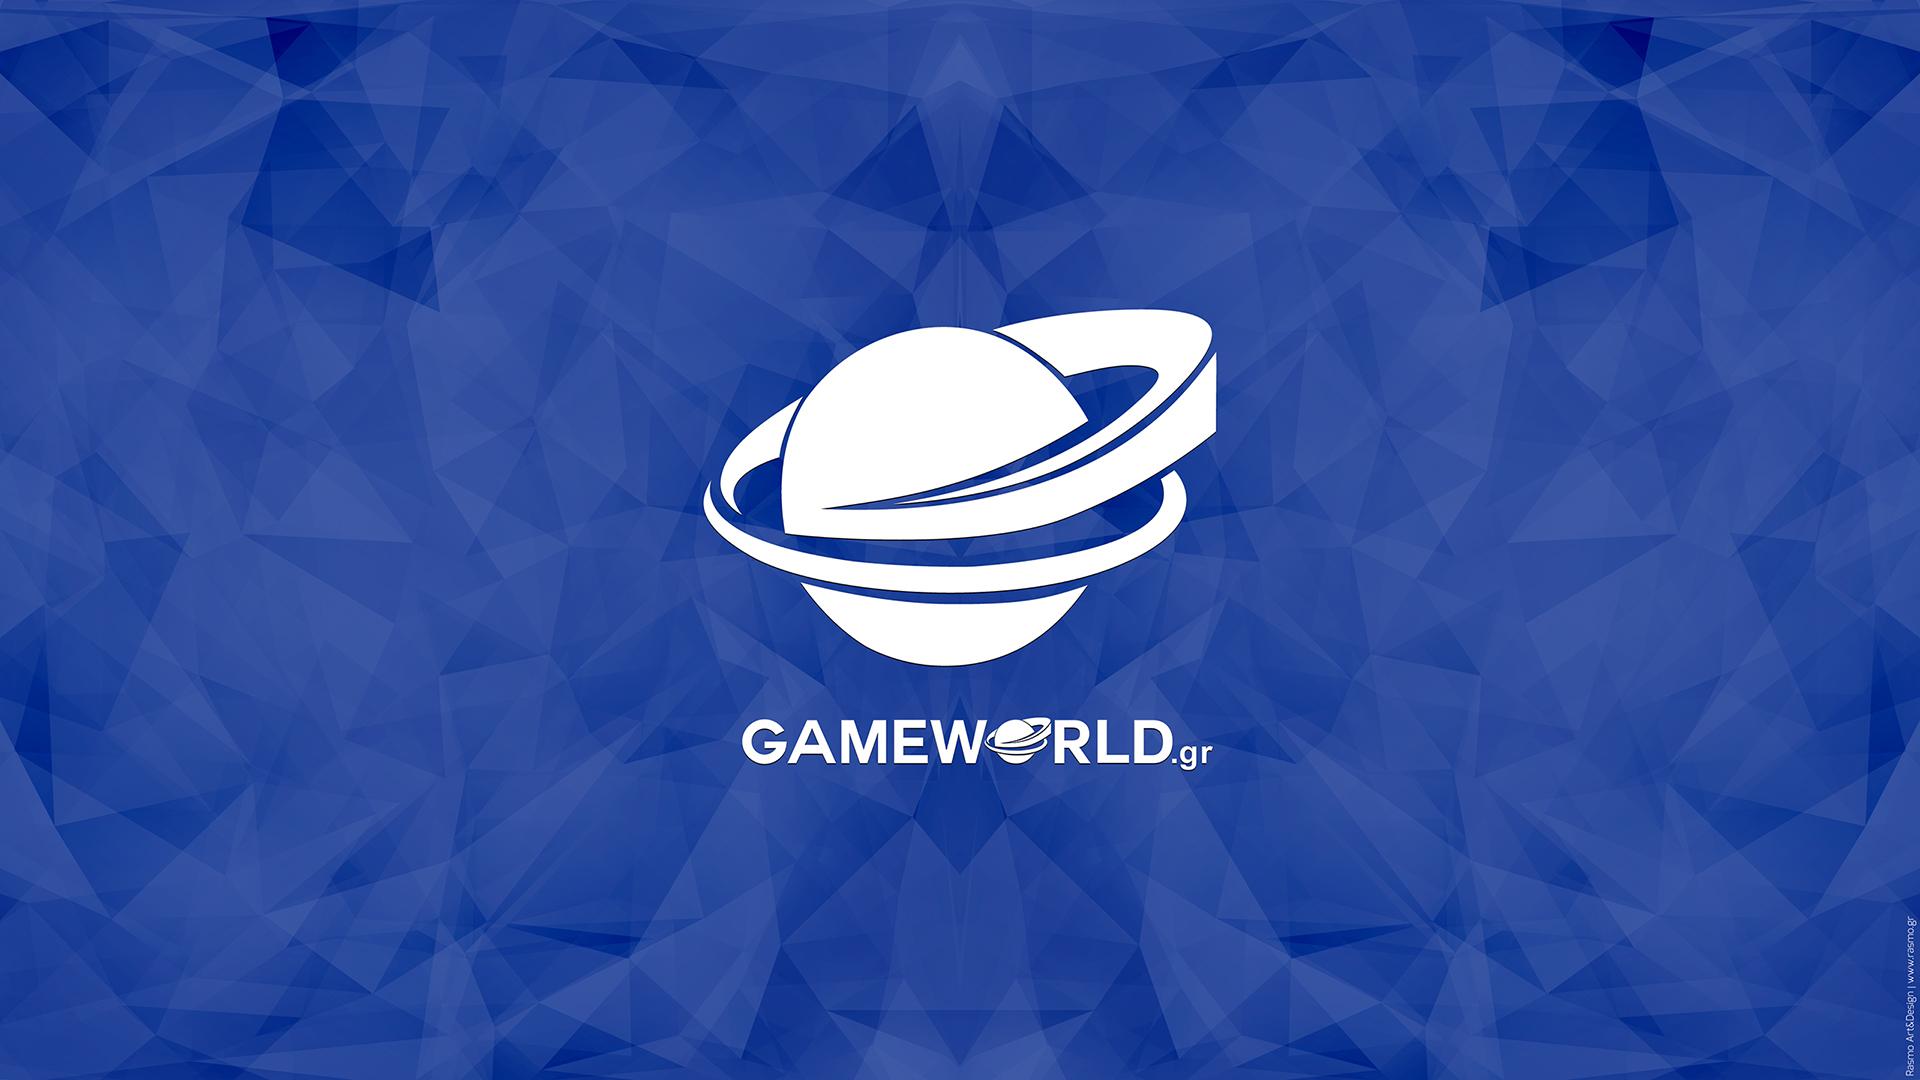 gameworld-1920x1080-2.jpg